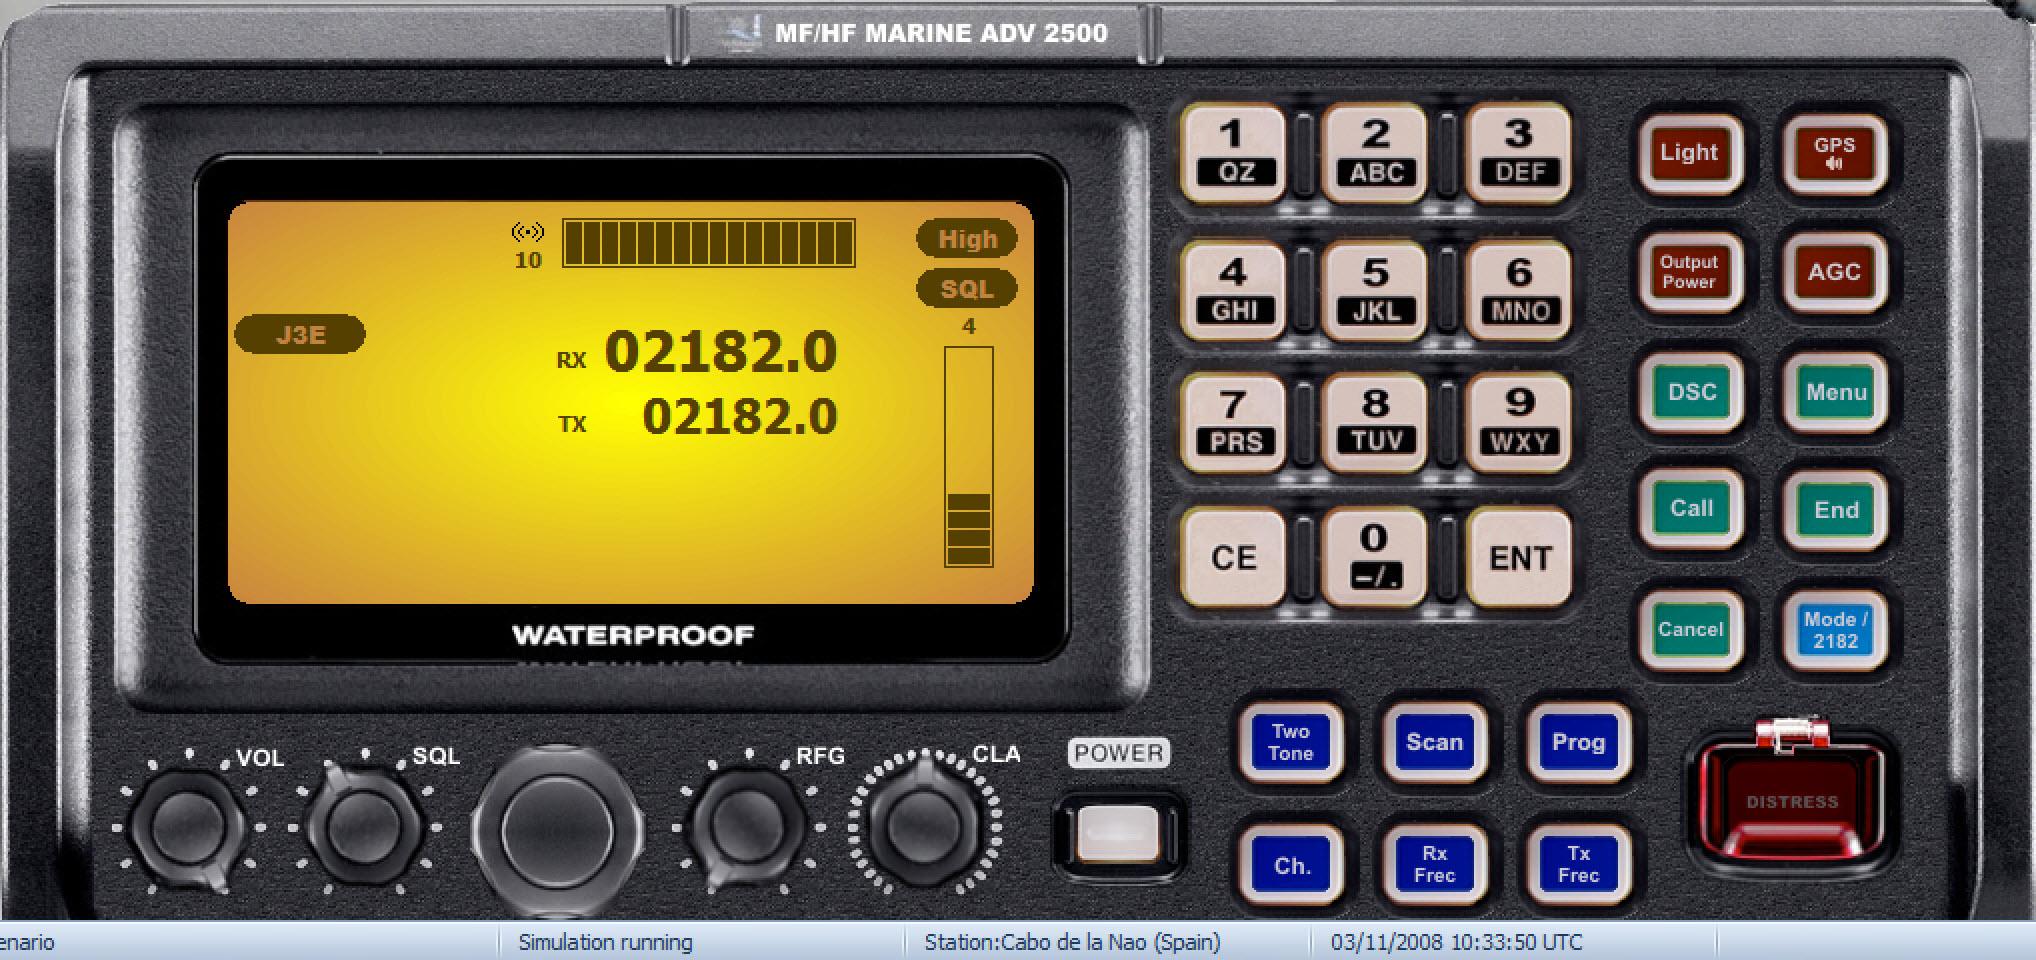 marine radio operators handbook pdf